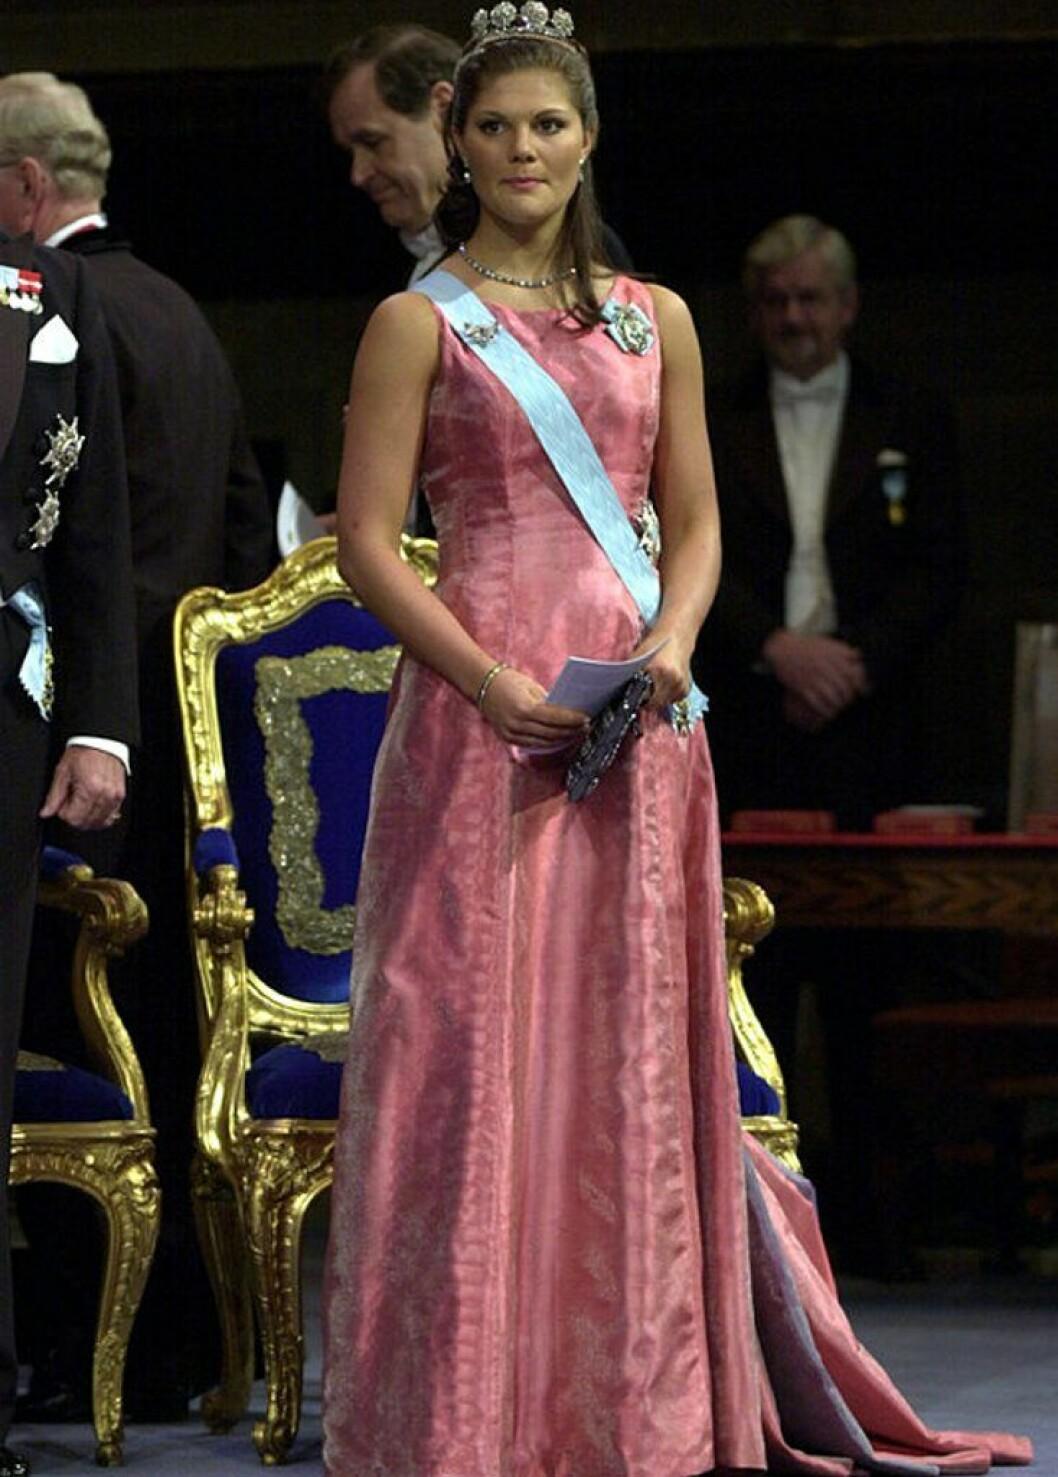 Kronprinsessan Victoria i en klänning av Lars Wallin.